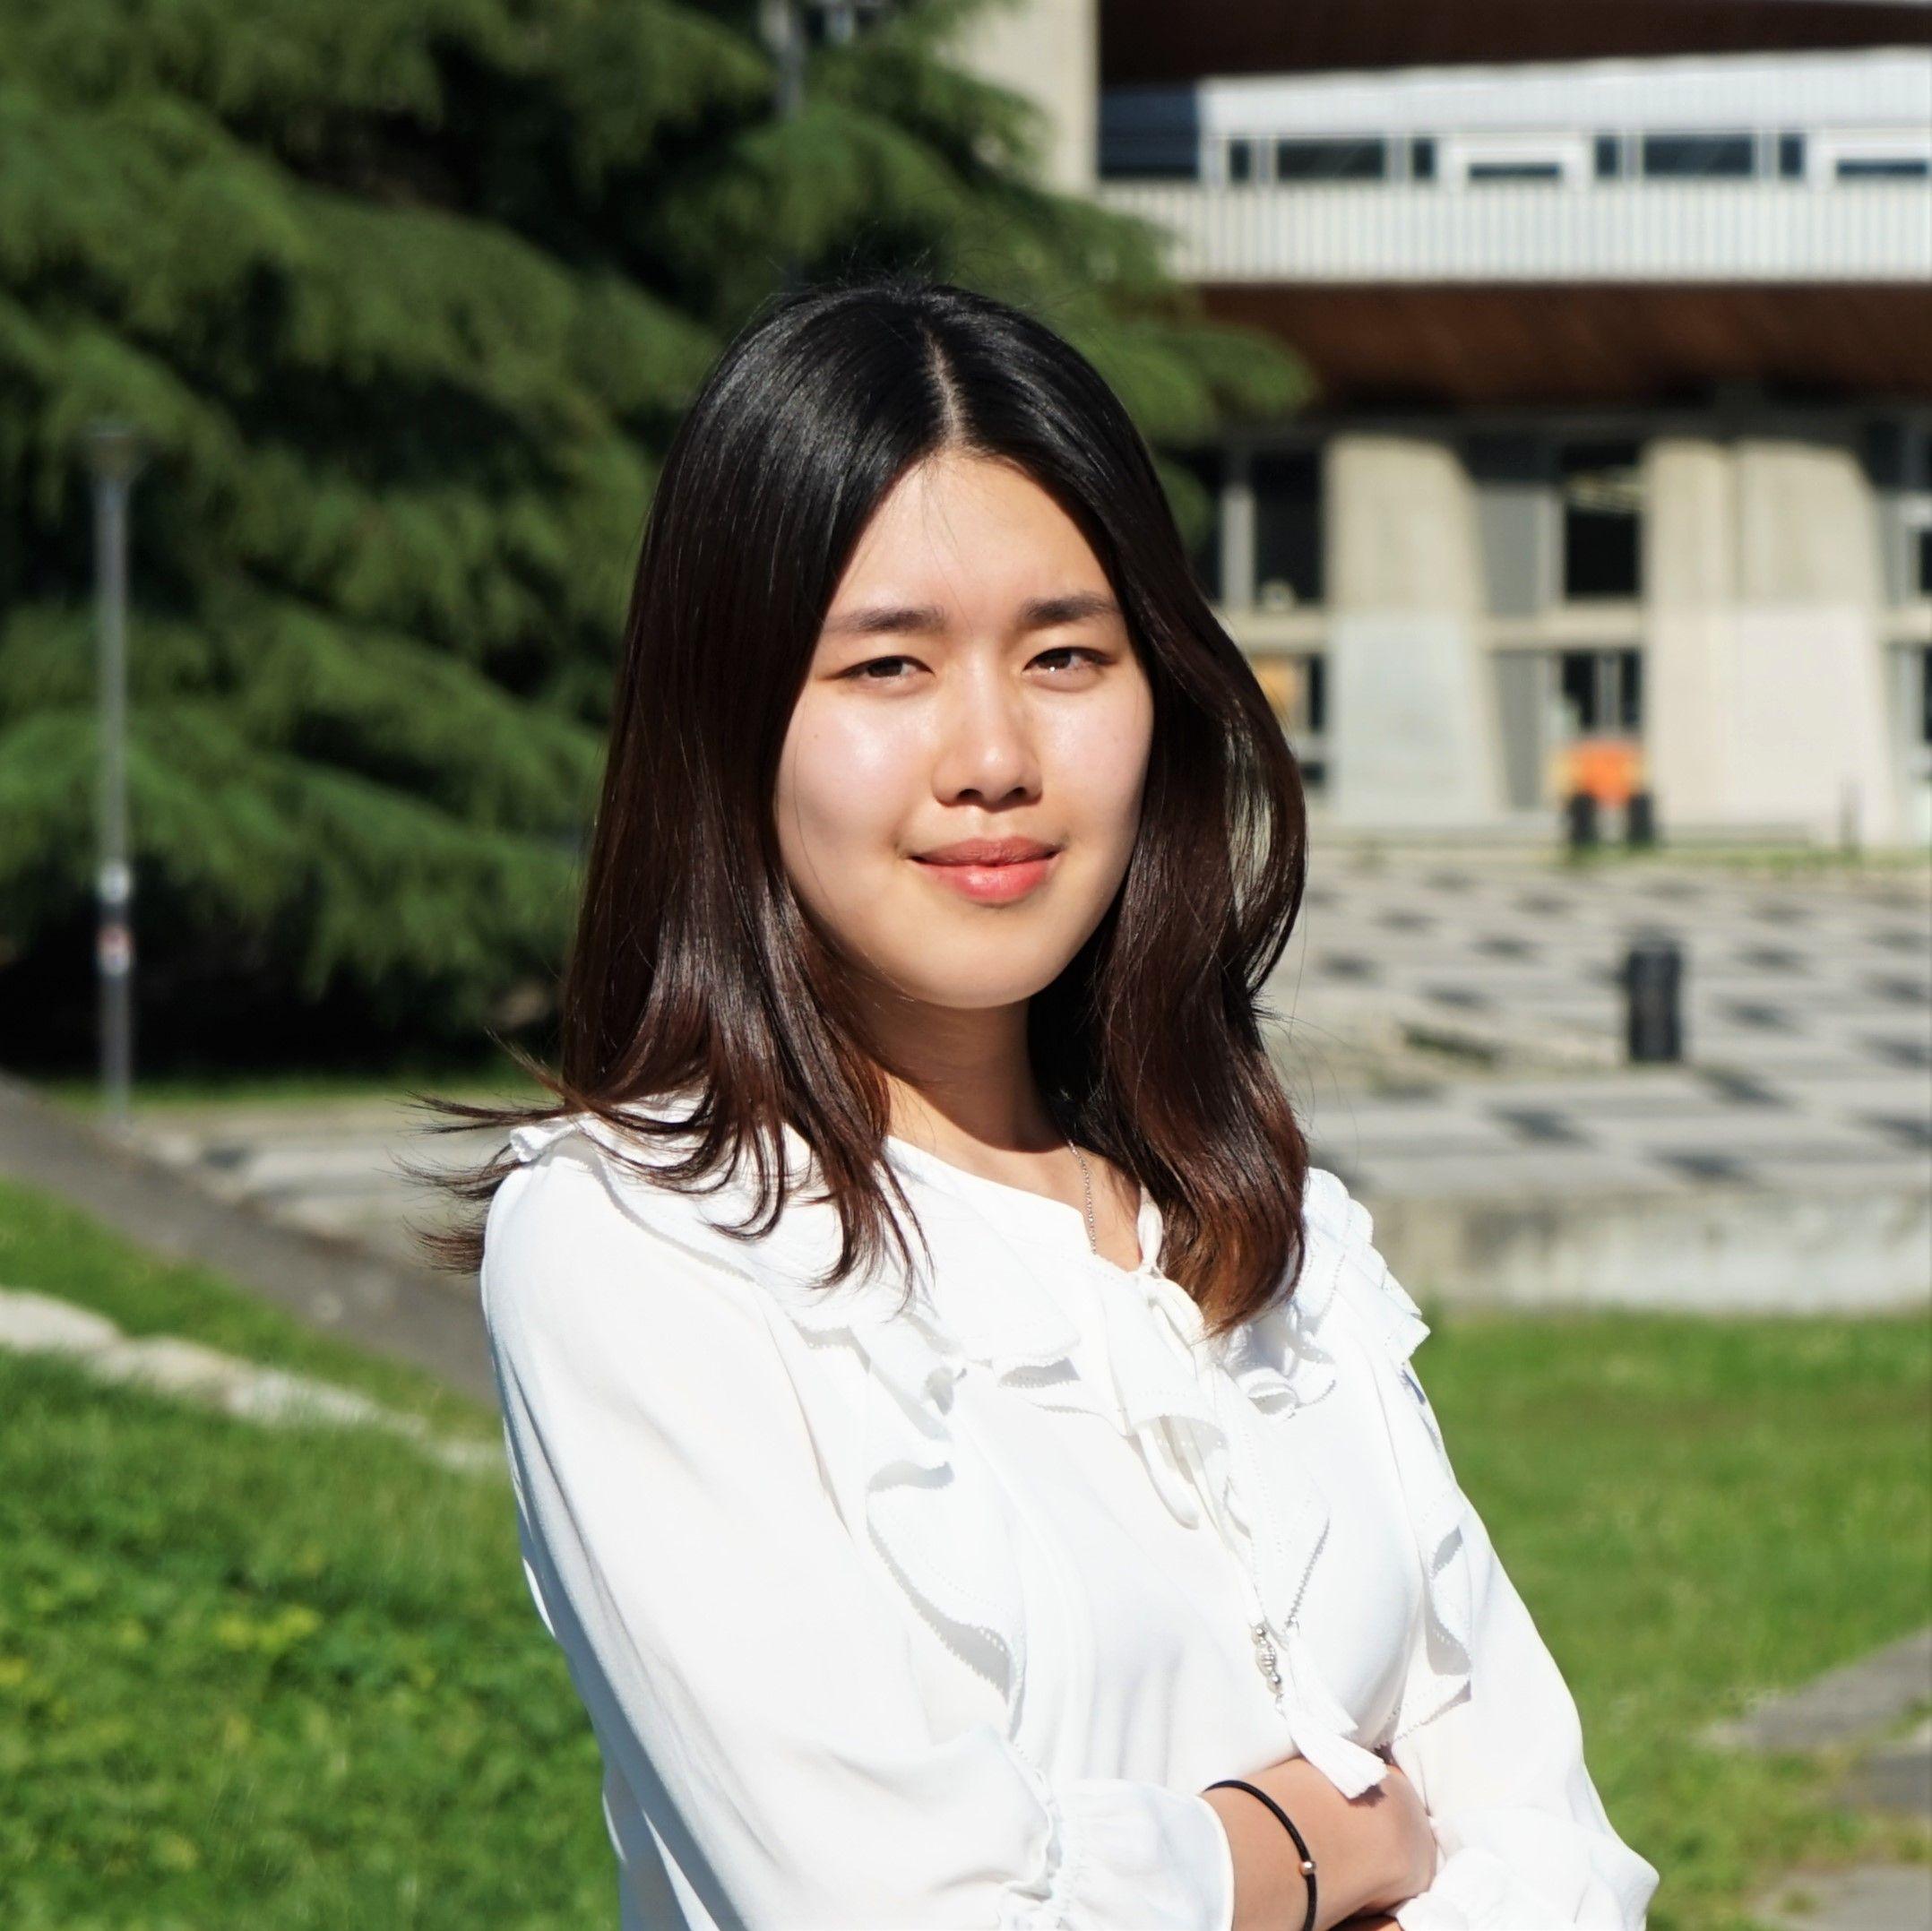 Seong Choi